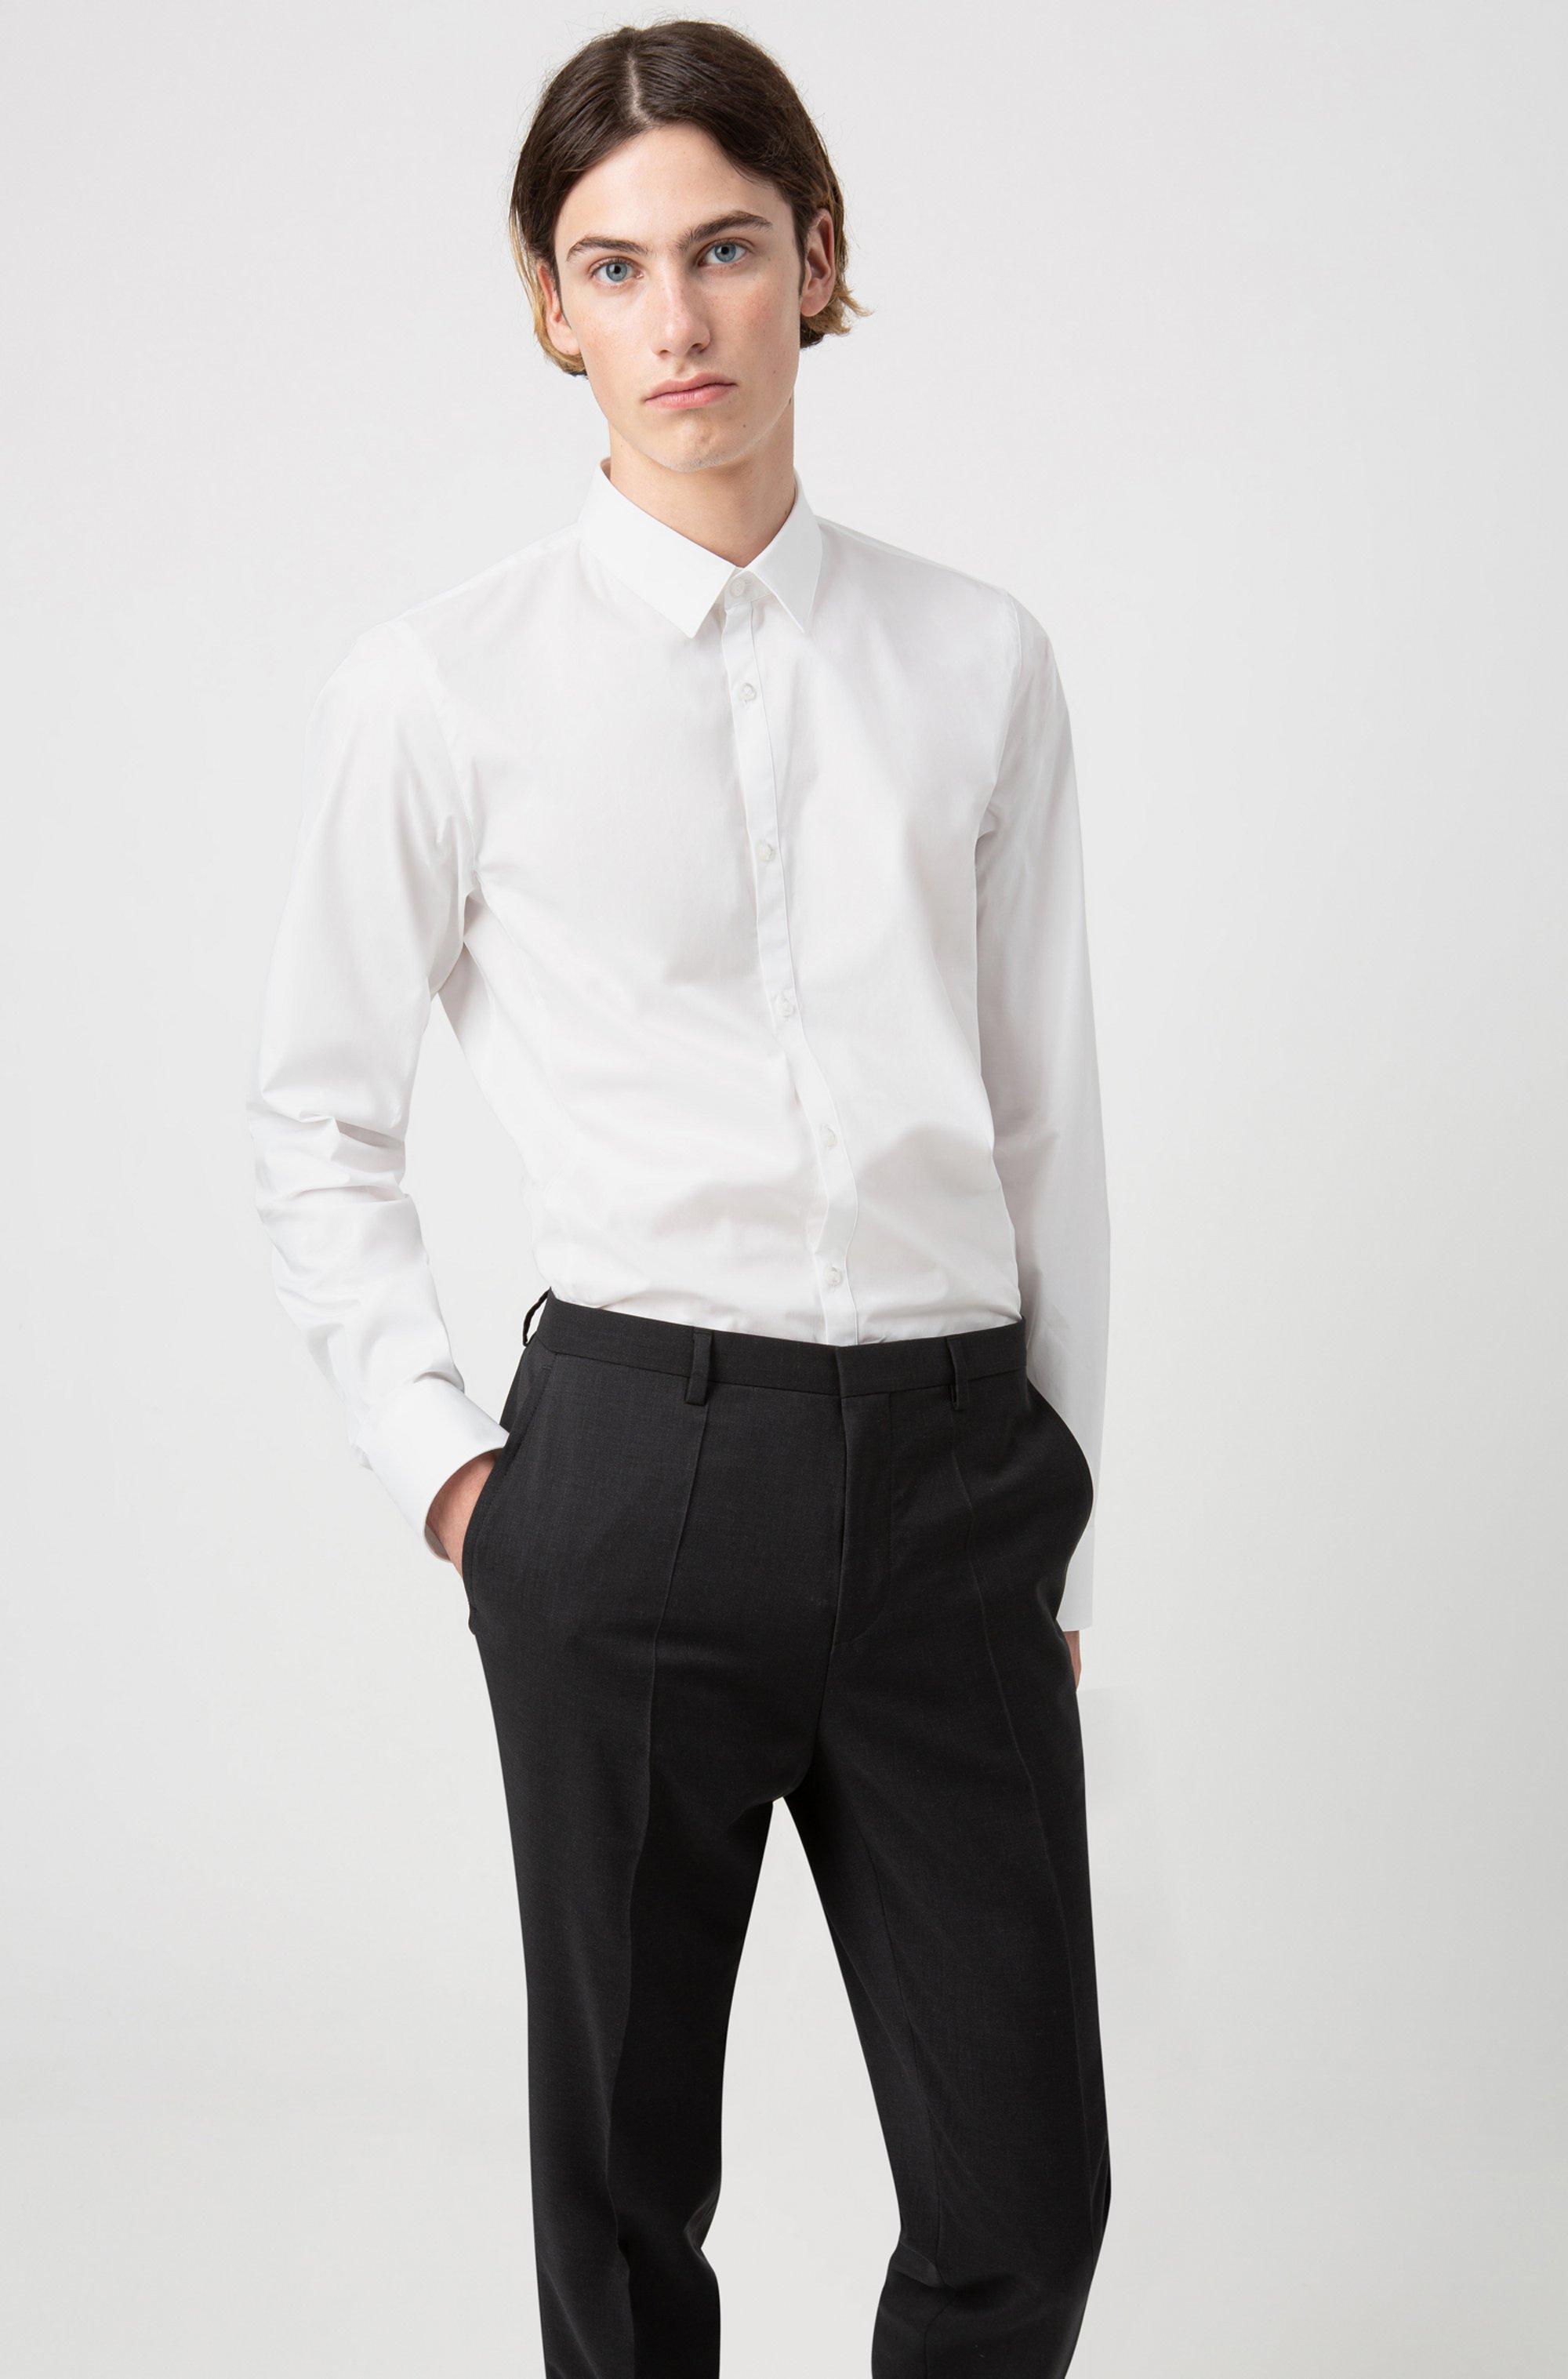 Pantaloni extra slim fit in popeline di lana vergine